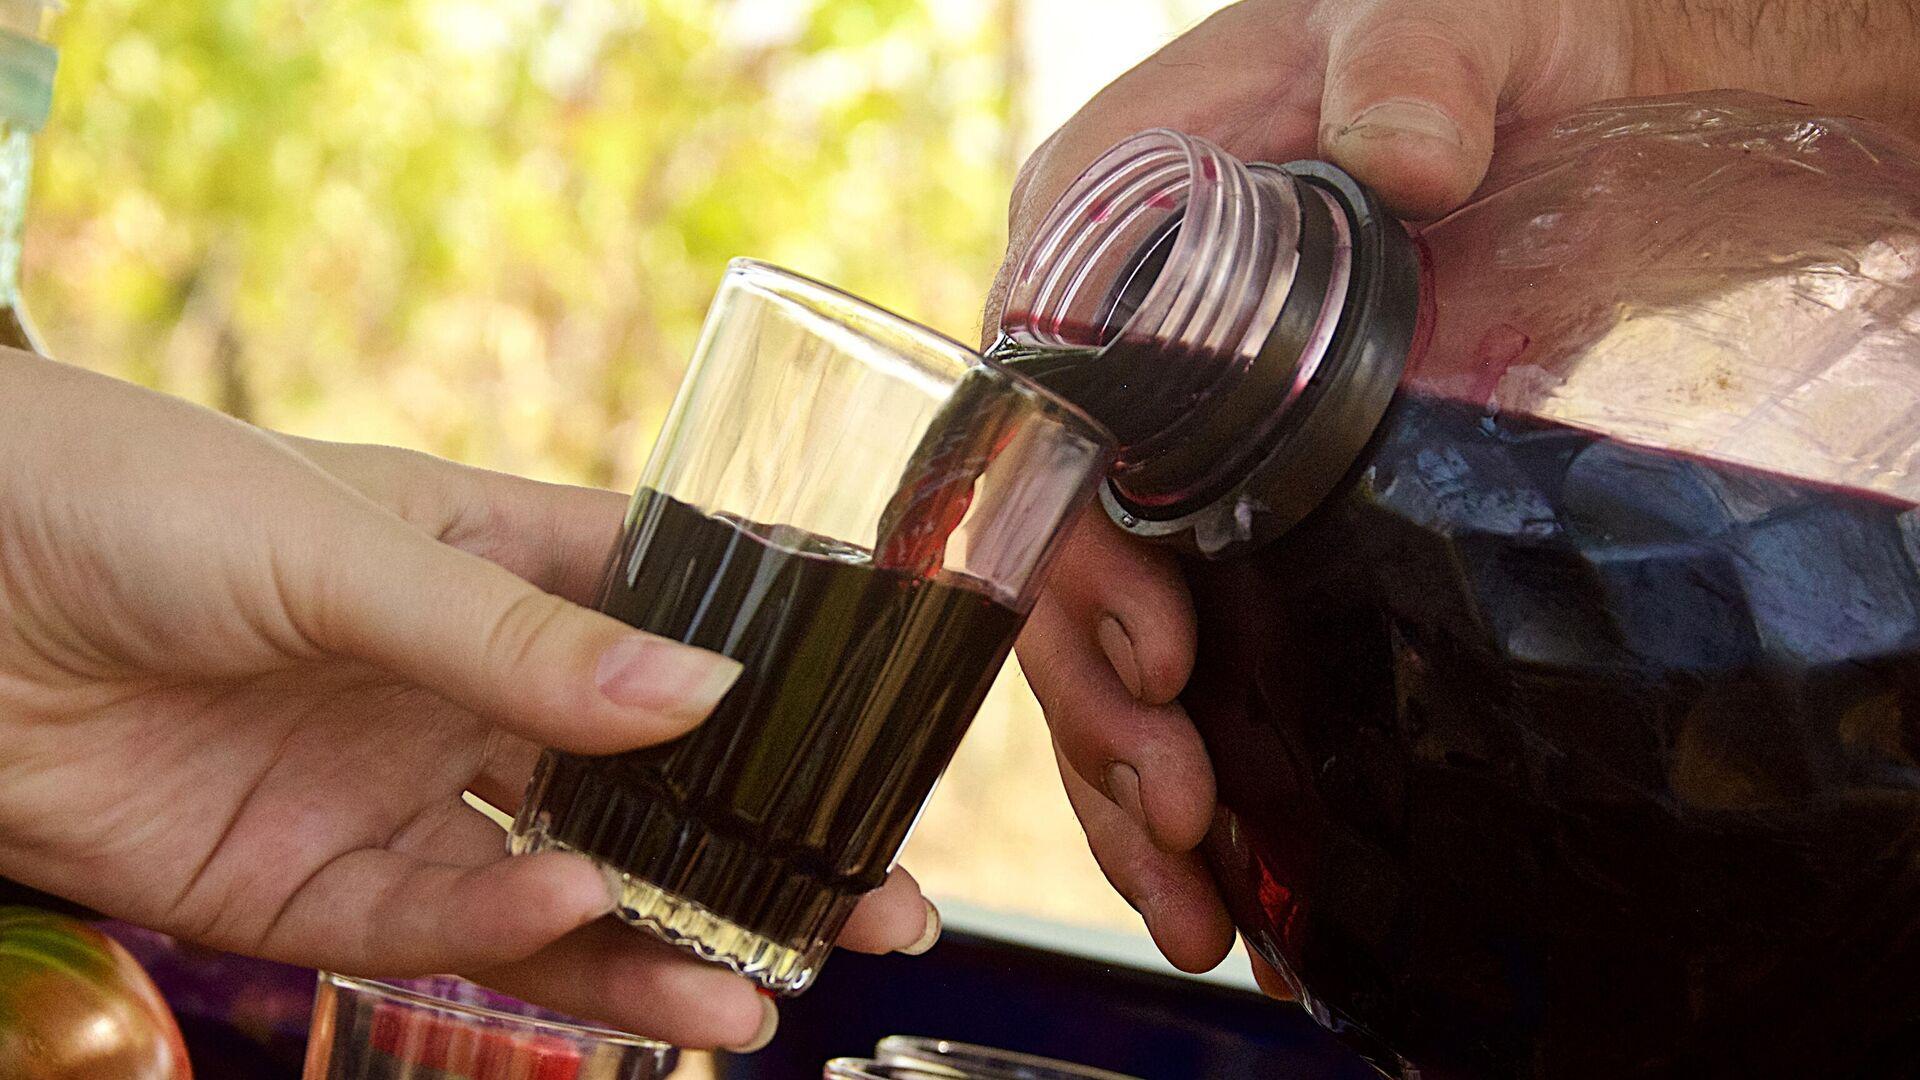 Киселев оценил эксперимент по интернет-продаже российского вина